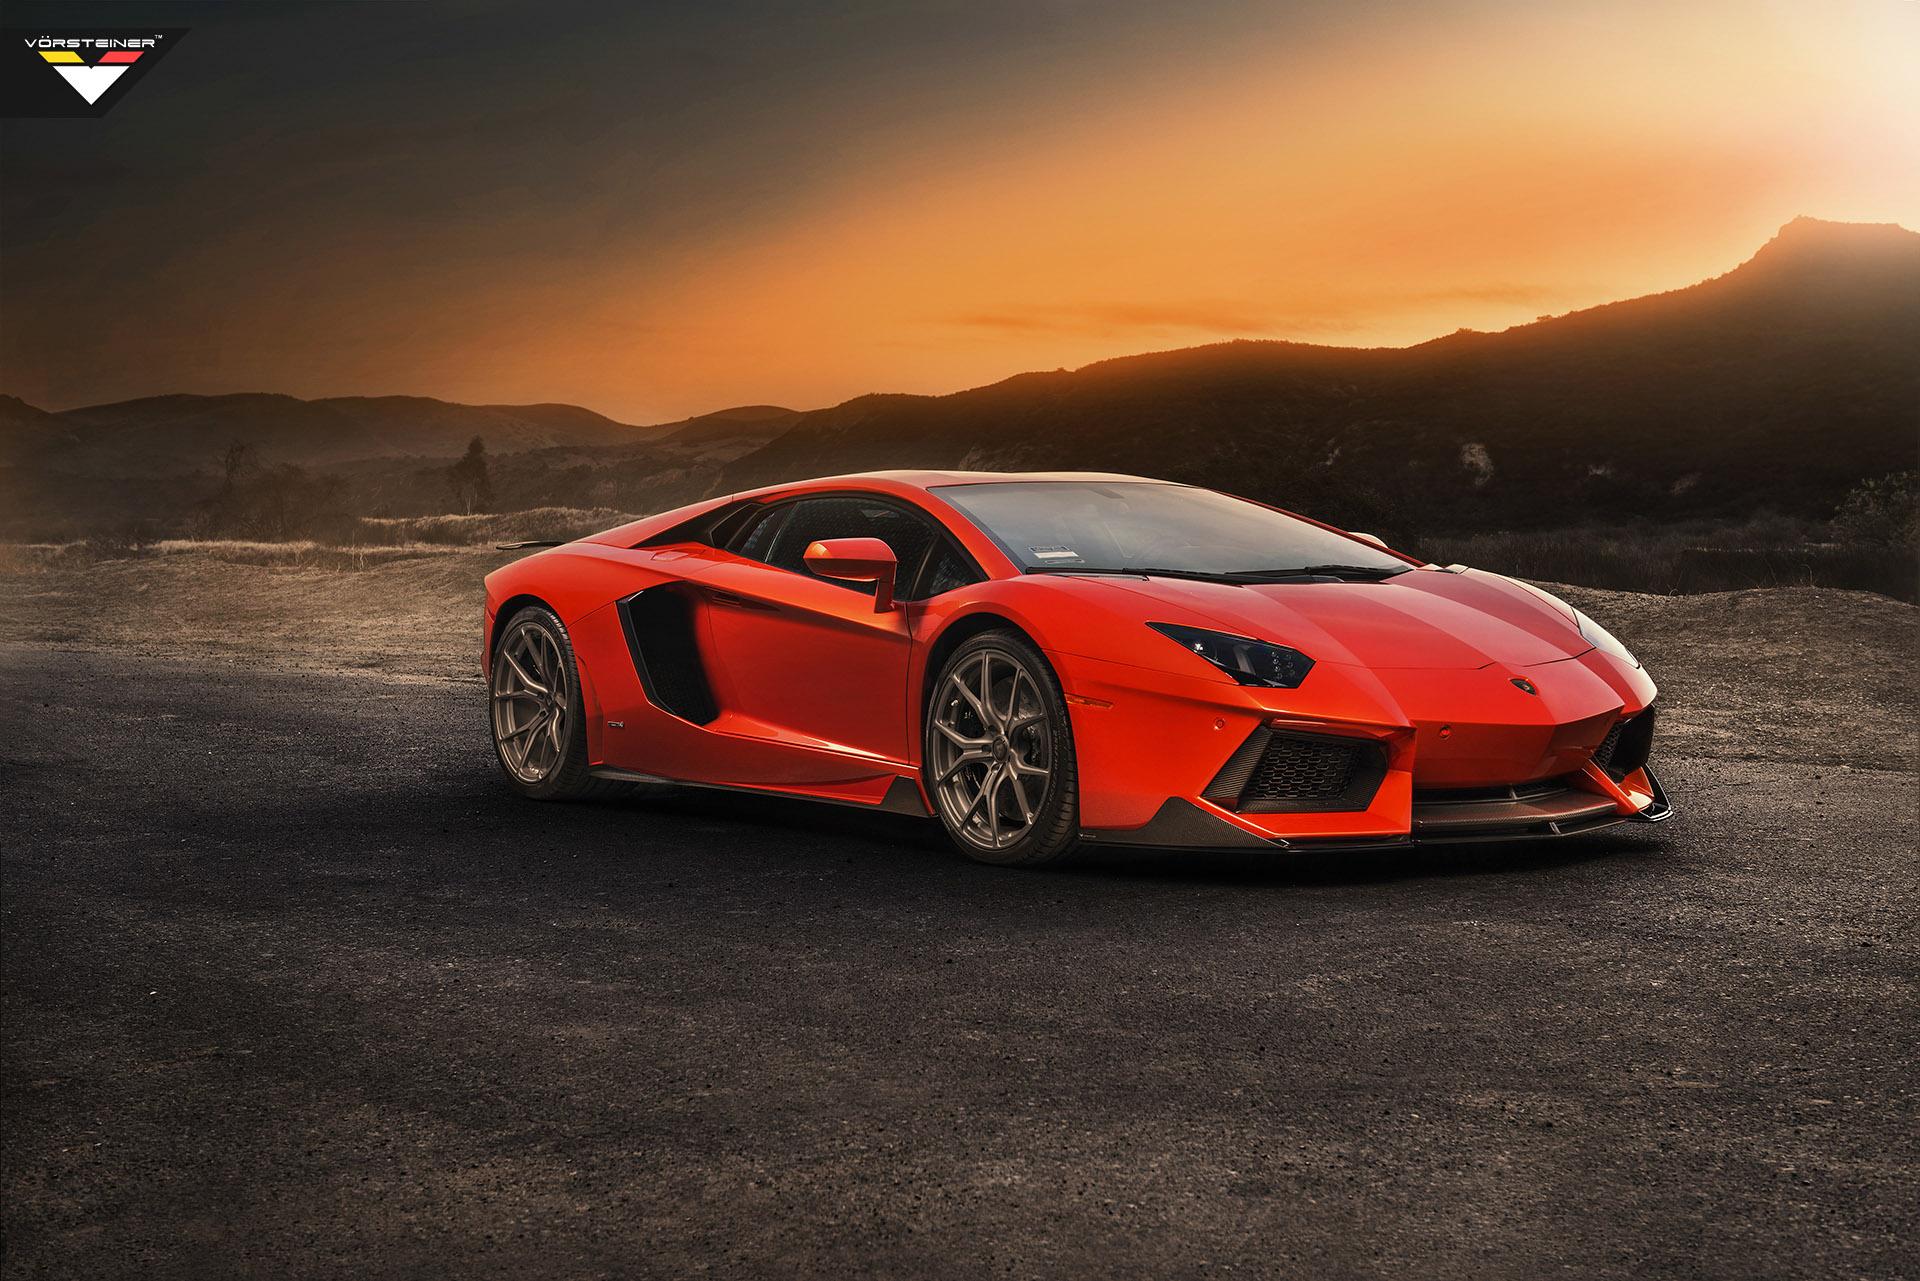 Vorsteiner Lamborghini Aventador V Lp 740 With Exclusive